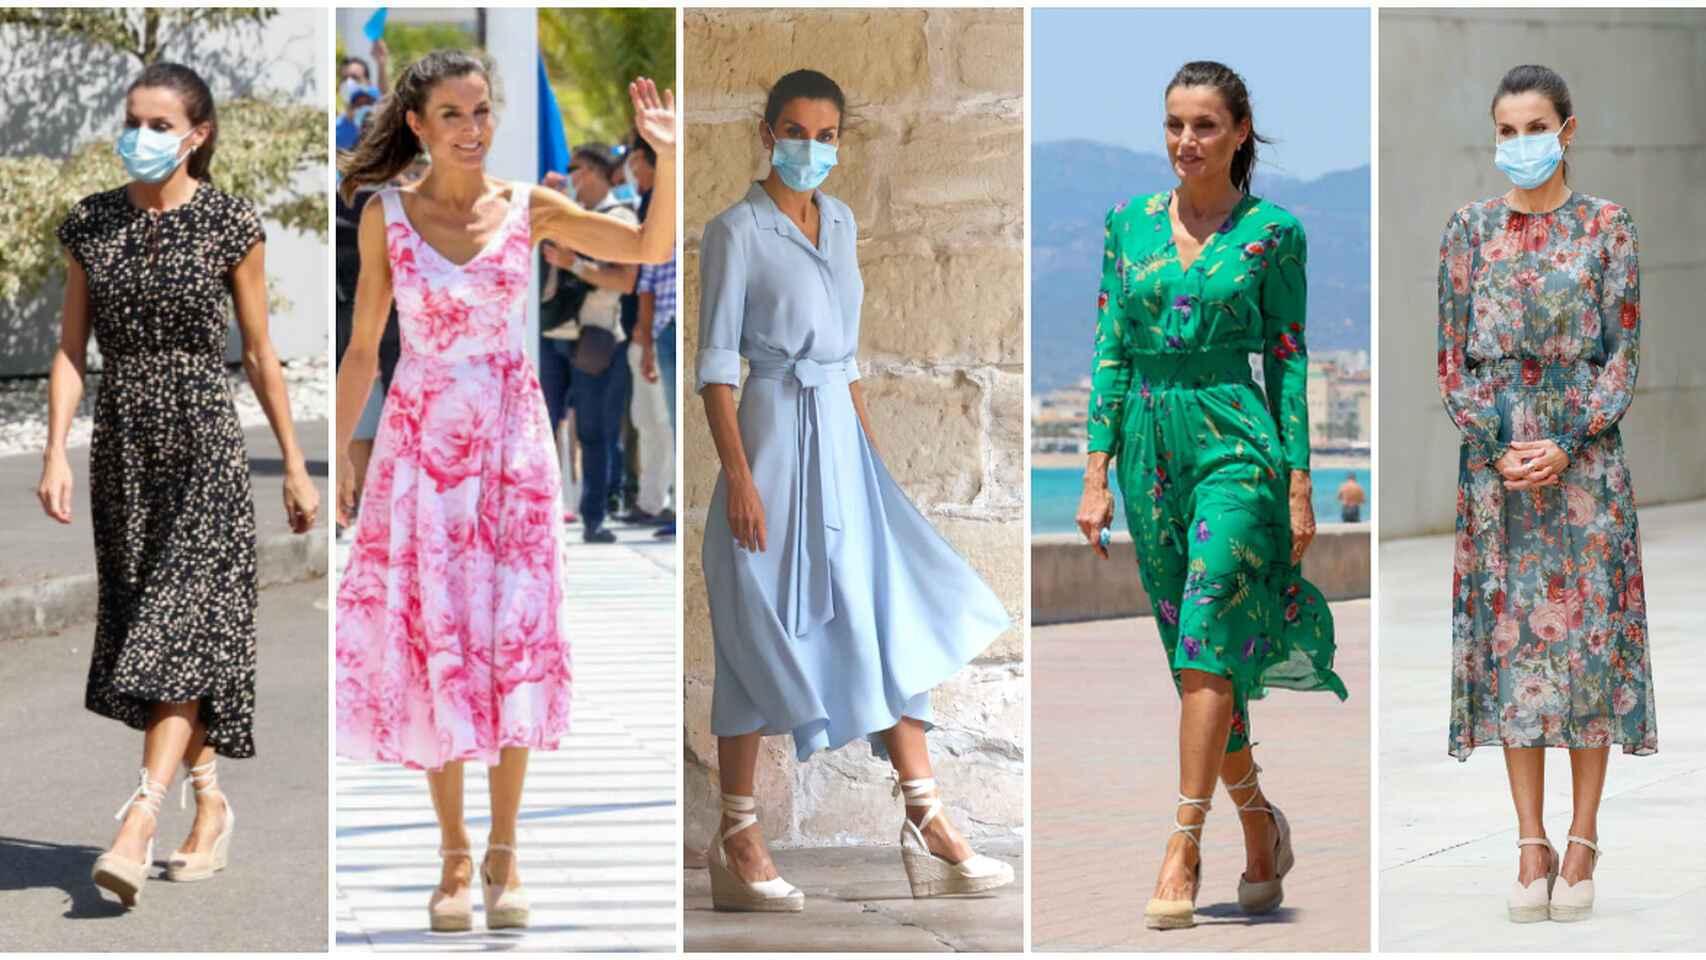 La reina Letizia con algunos de sus estilismos.